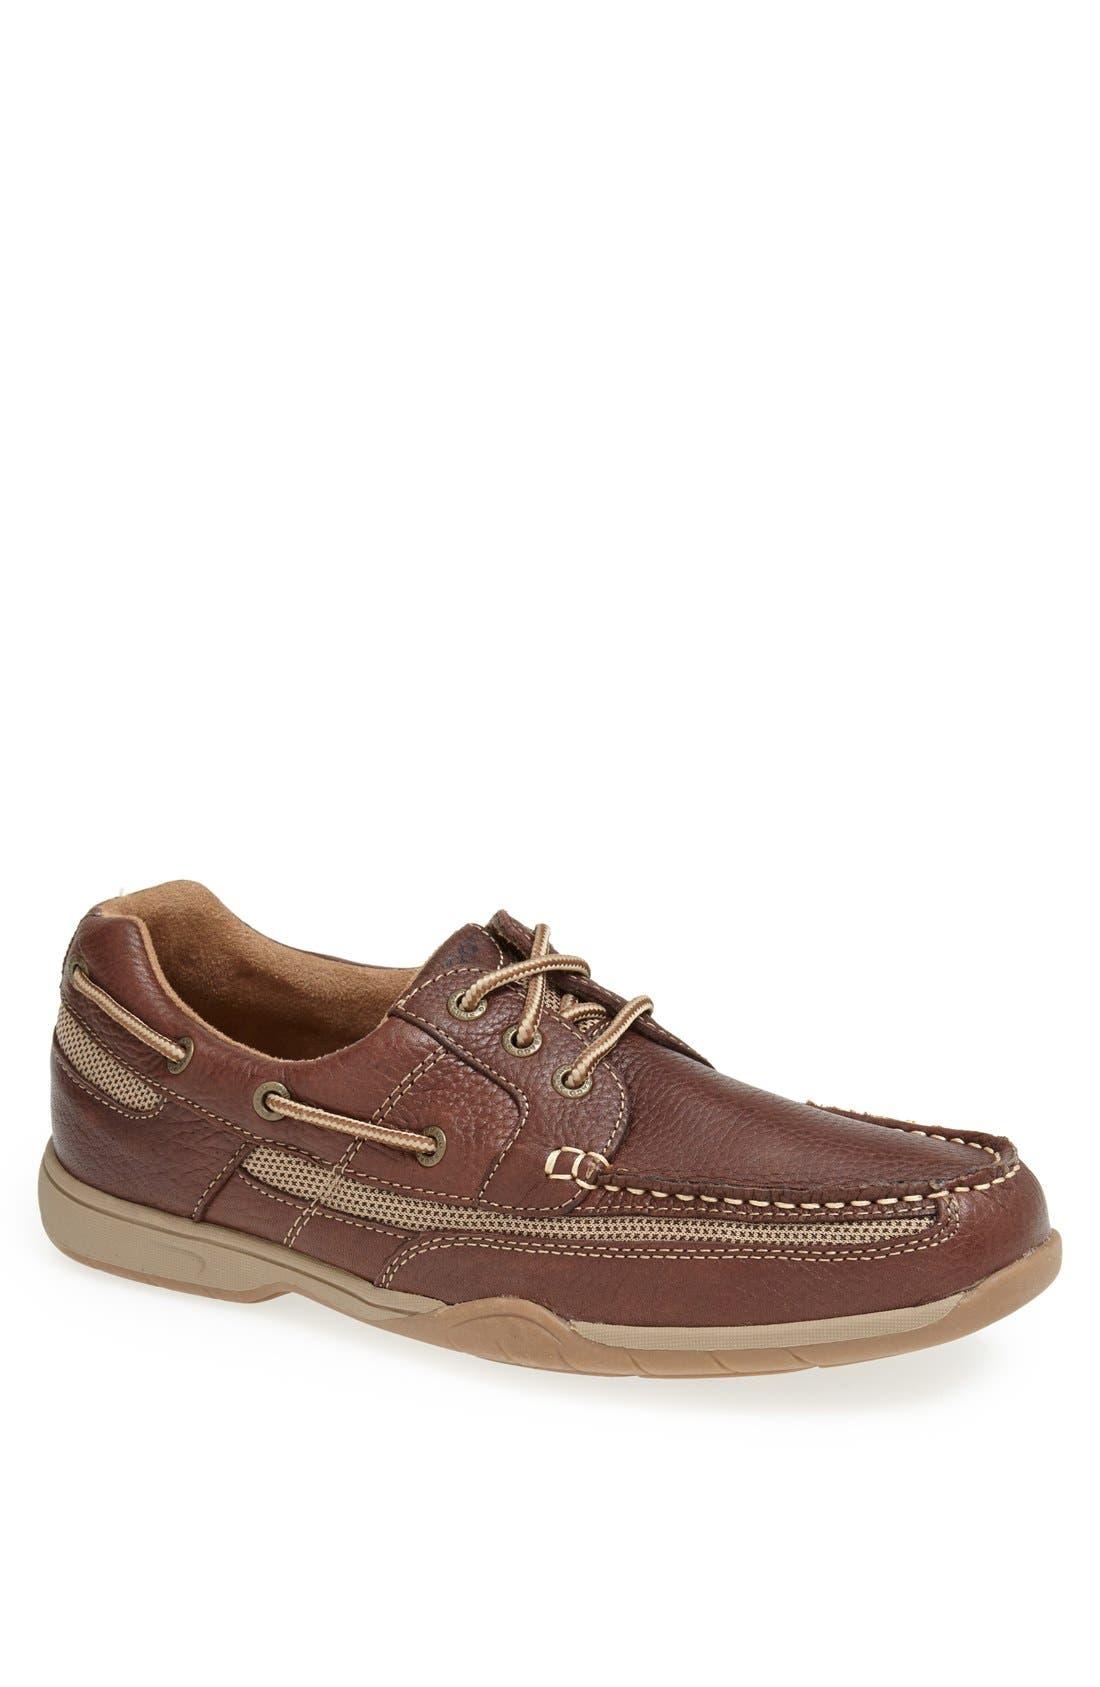 Main Image - Sebago 'Carrick' Boat Shoe